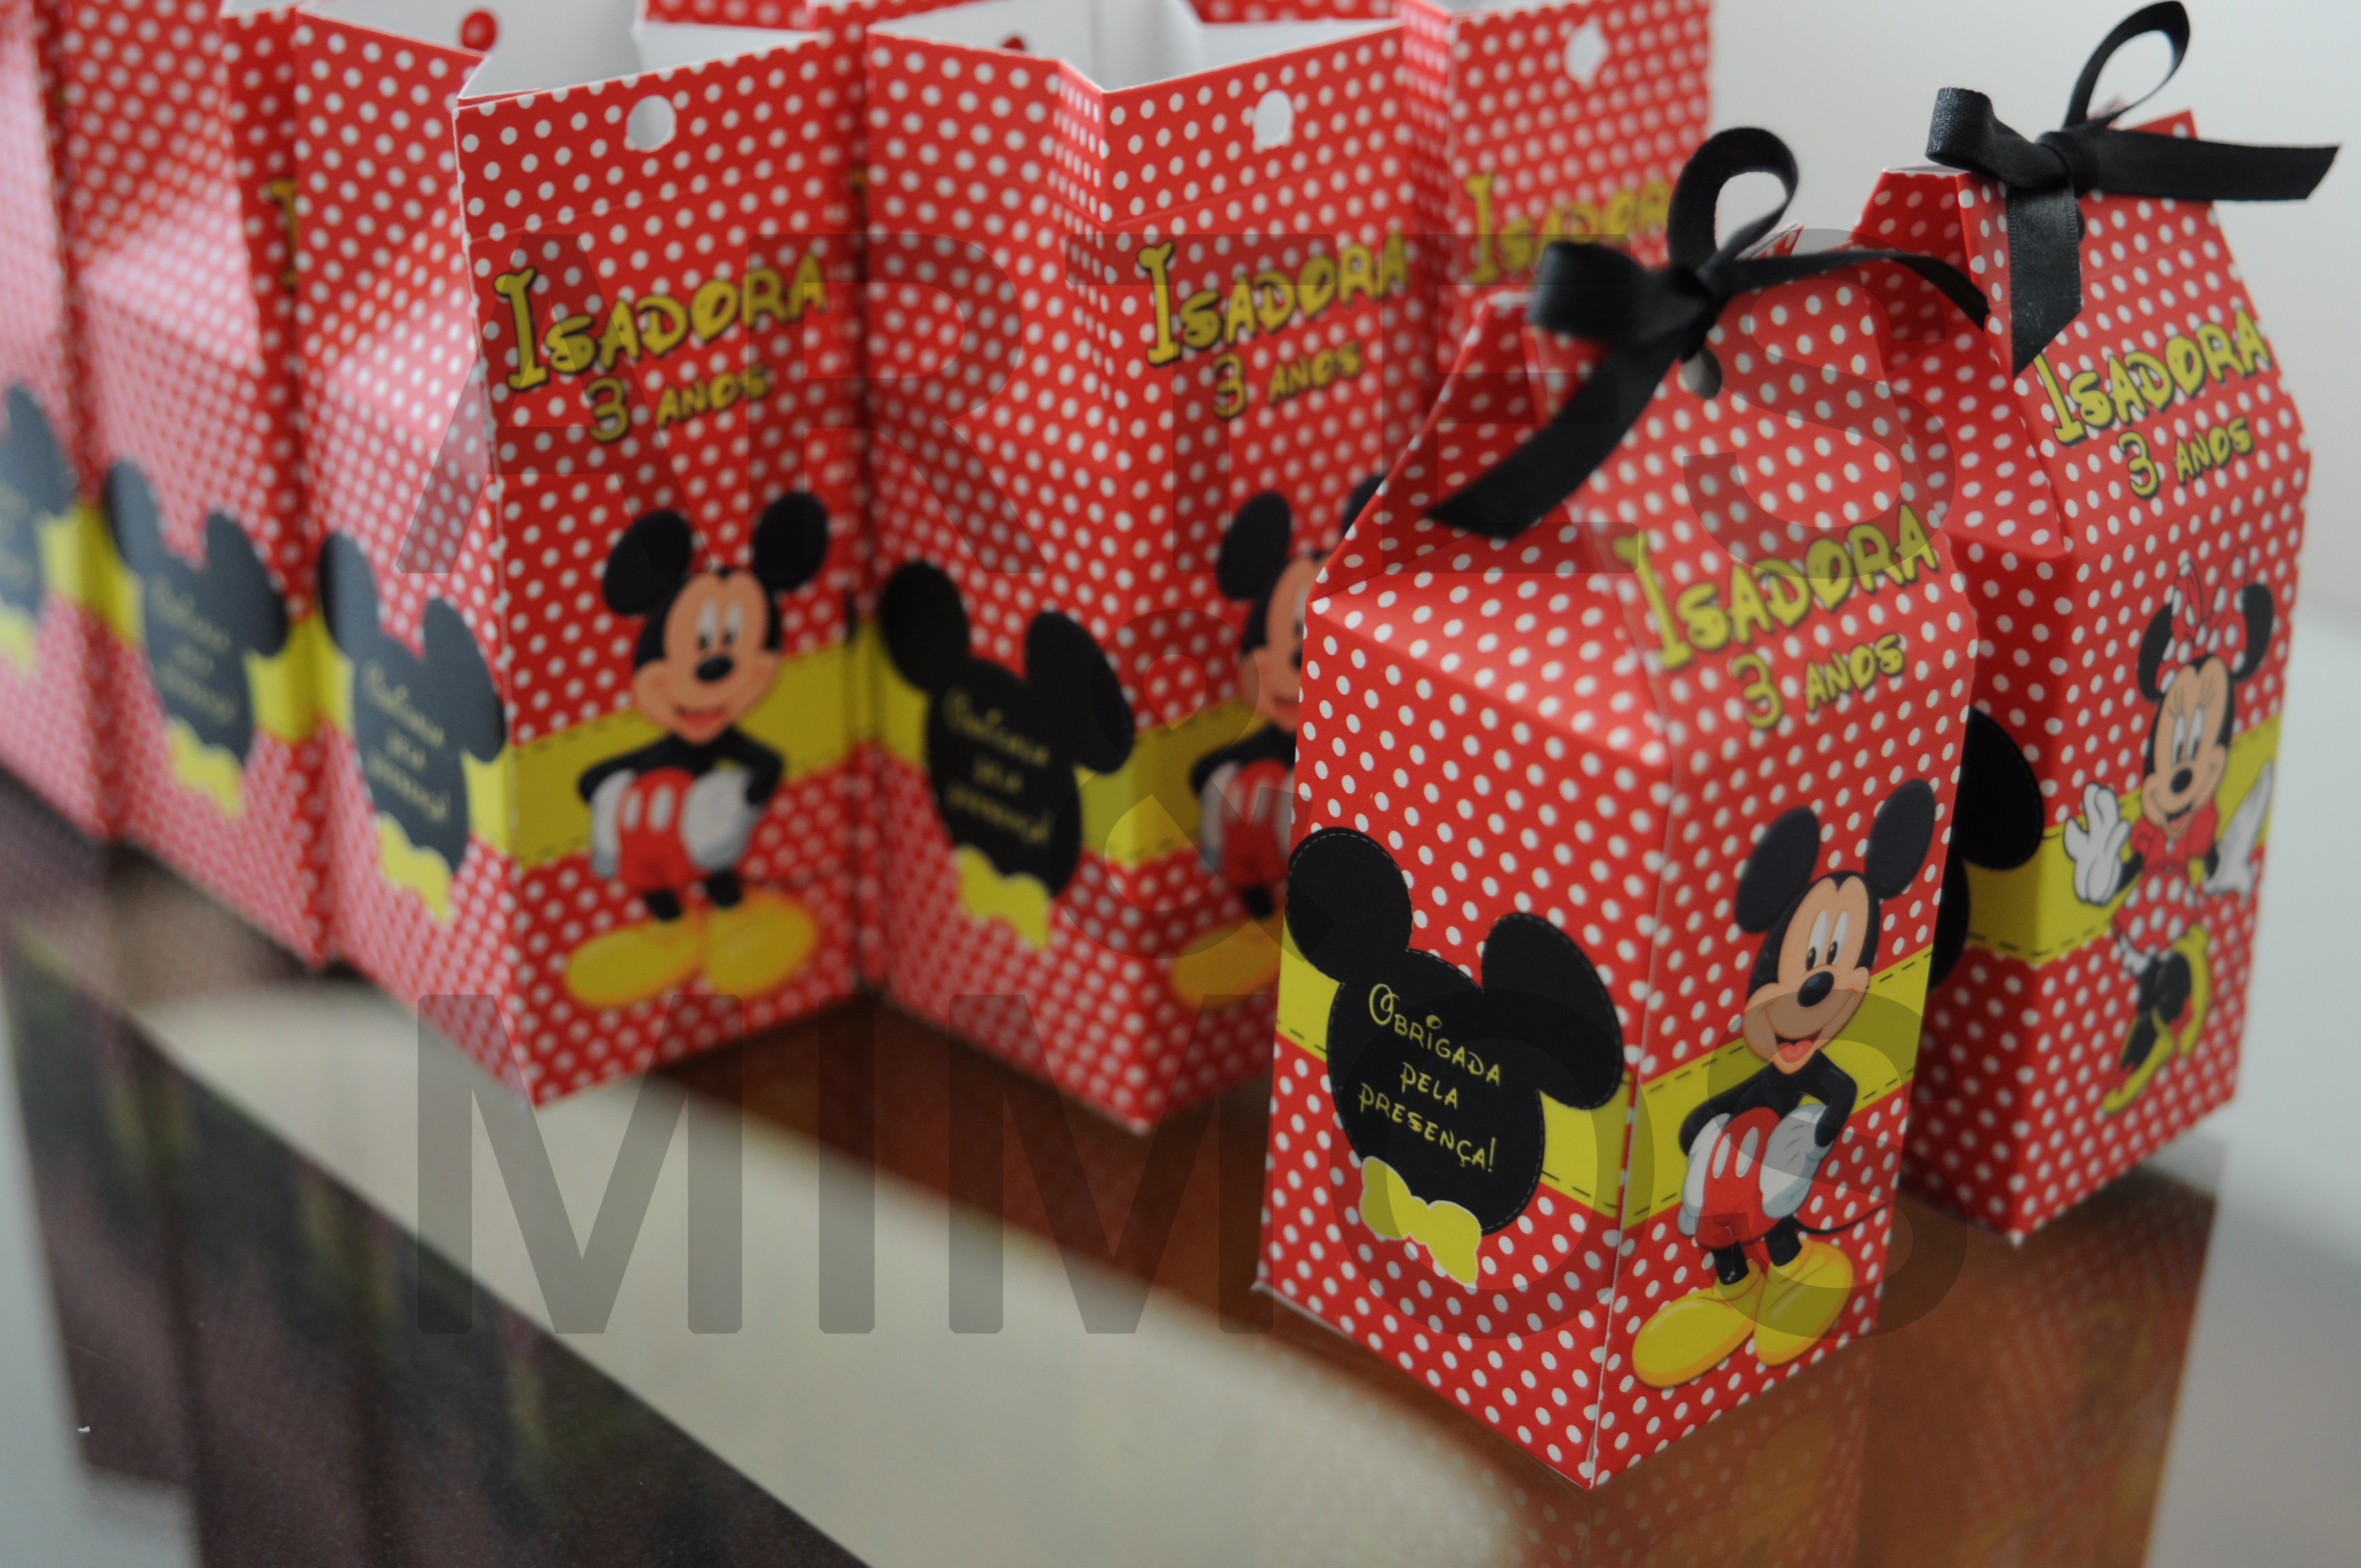 Bolsinha feita com caixa de leite - Use como lembrancinha de aniversário -  #Artesanato -